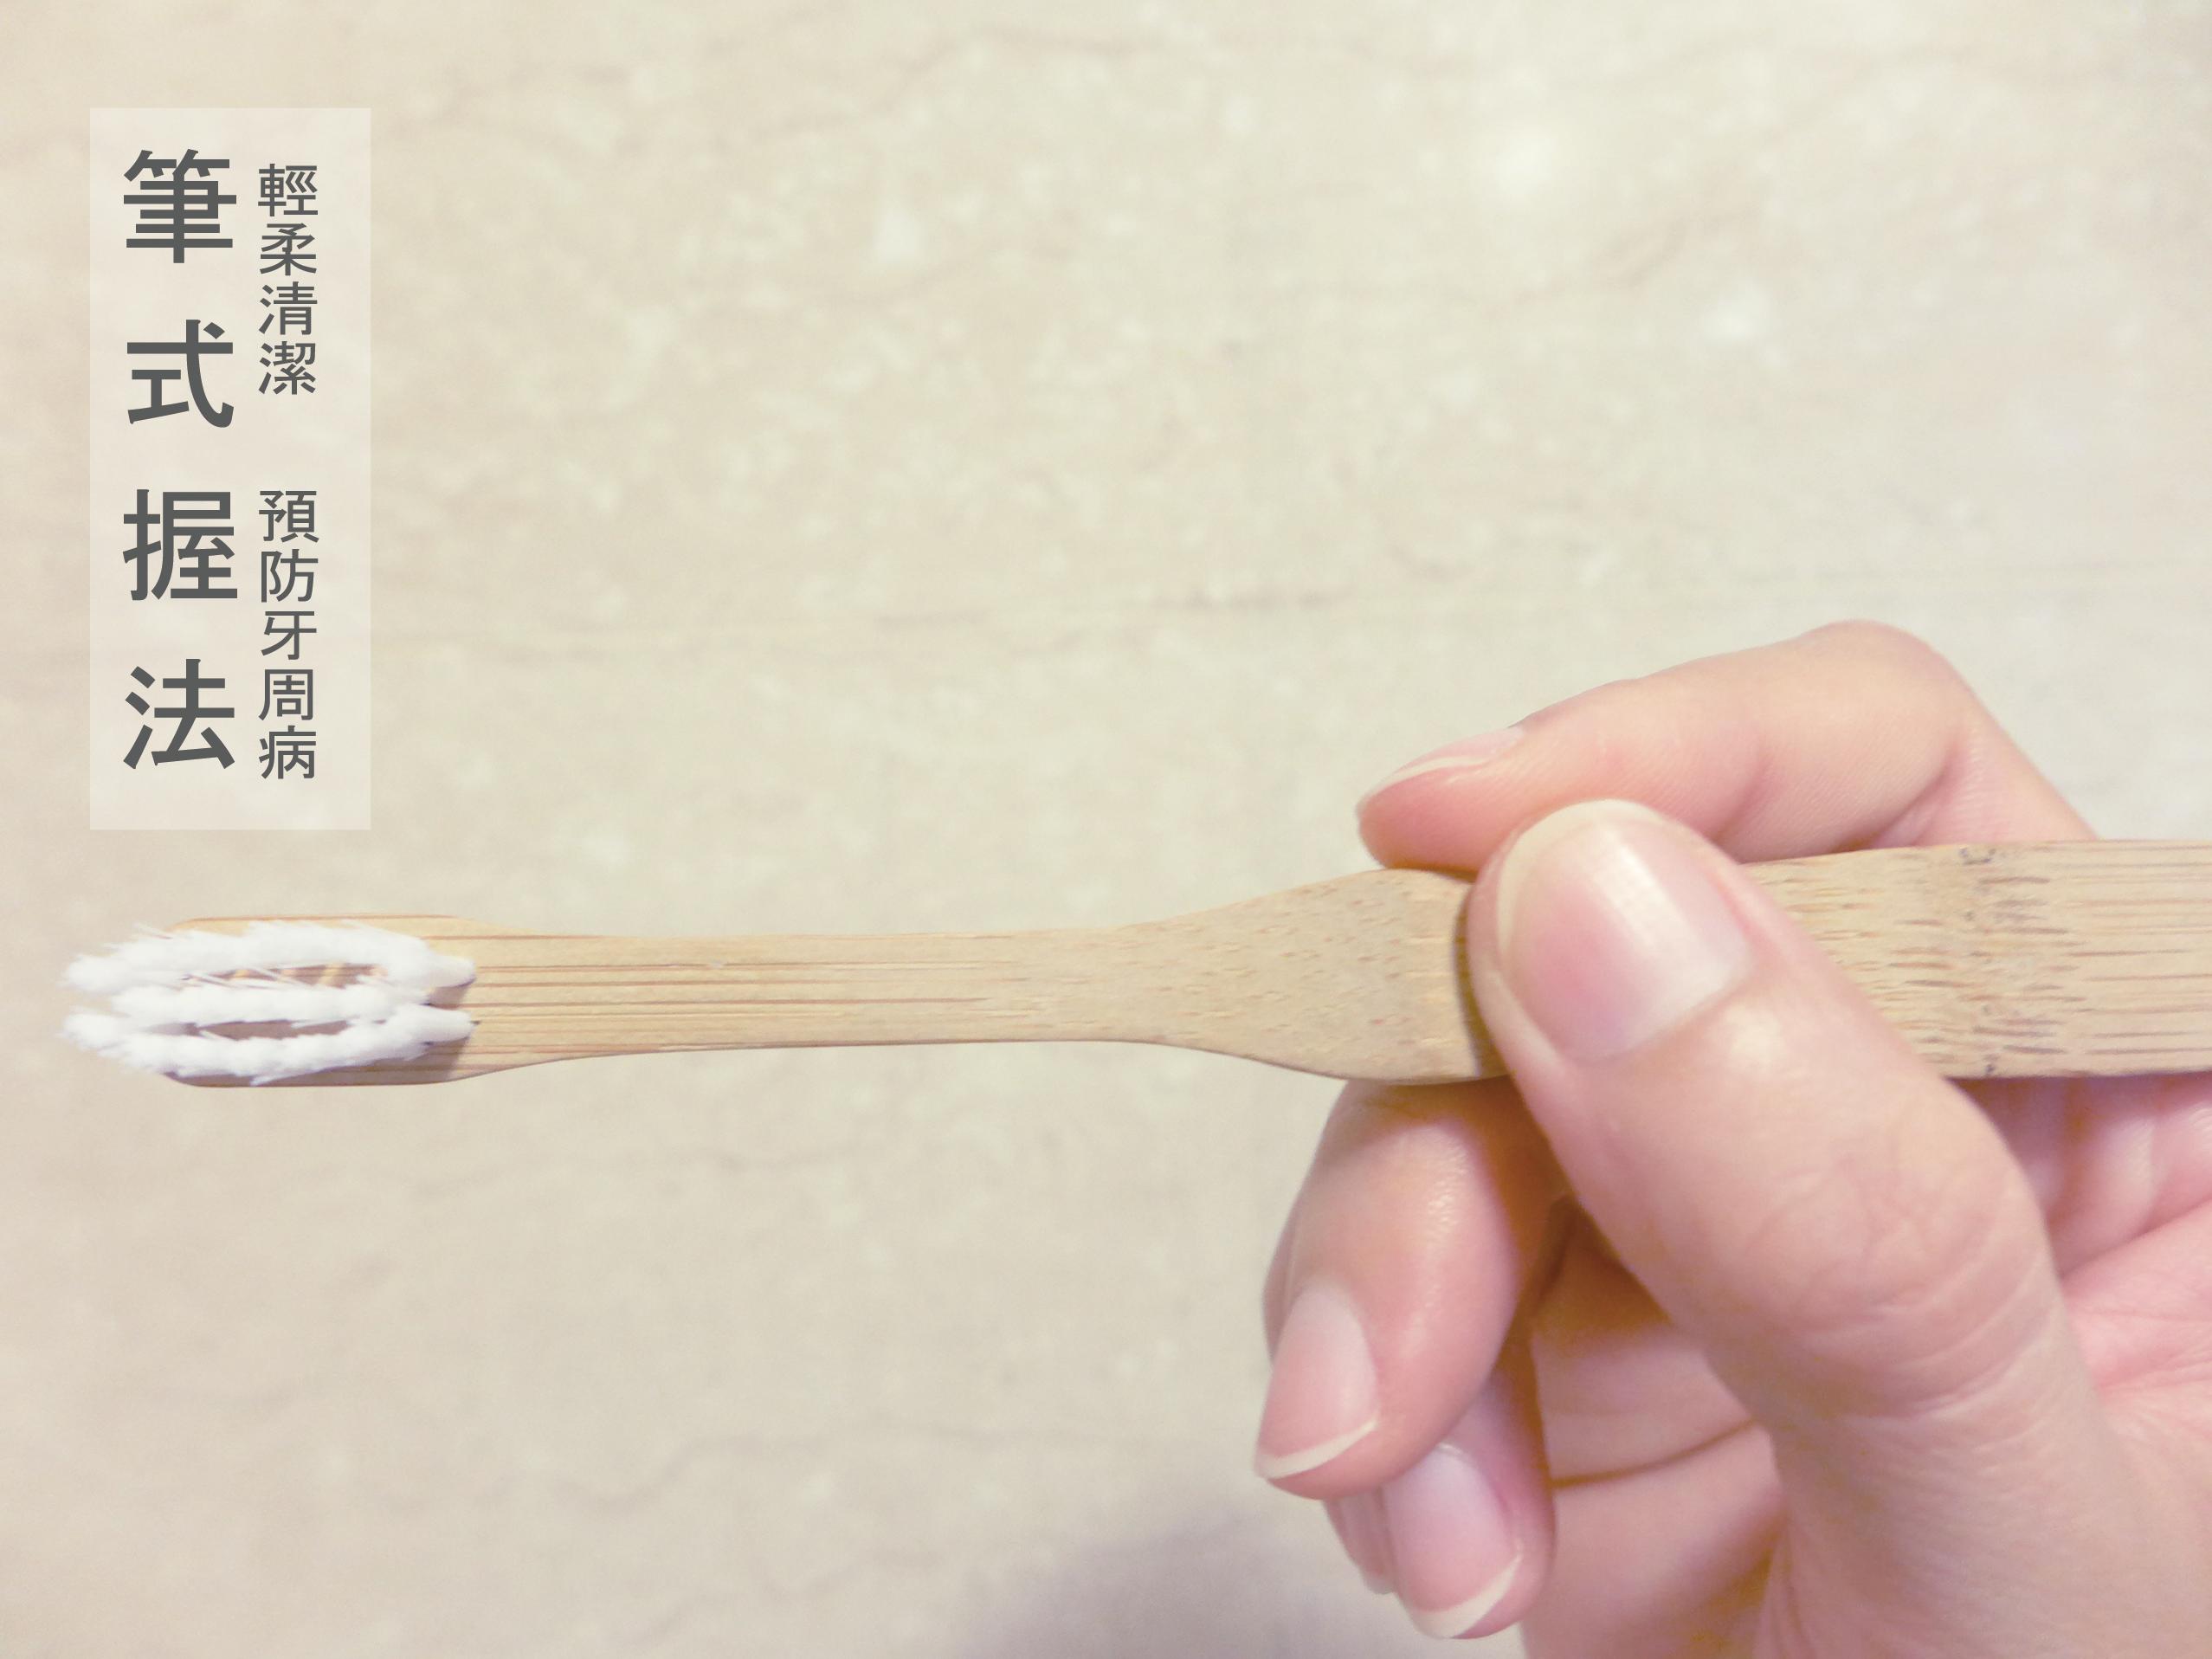 筆式握法 輕柔清潔 預防牙周病